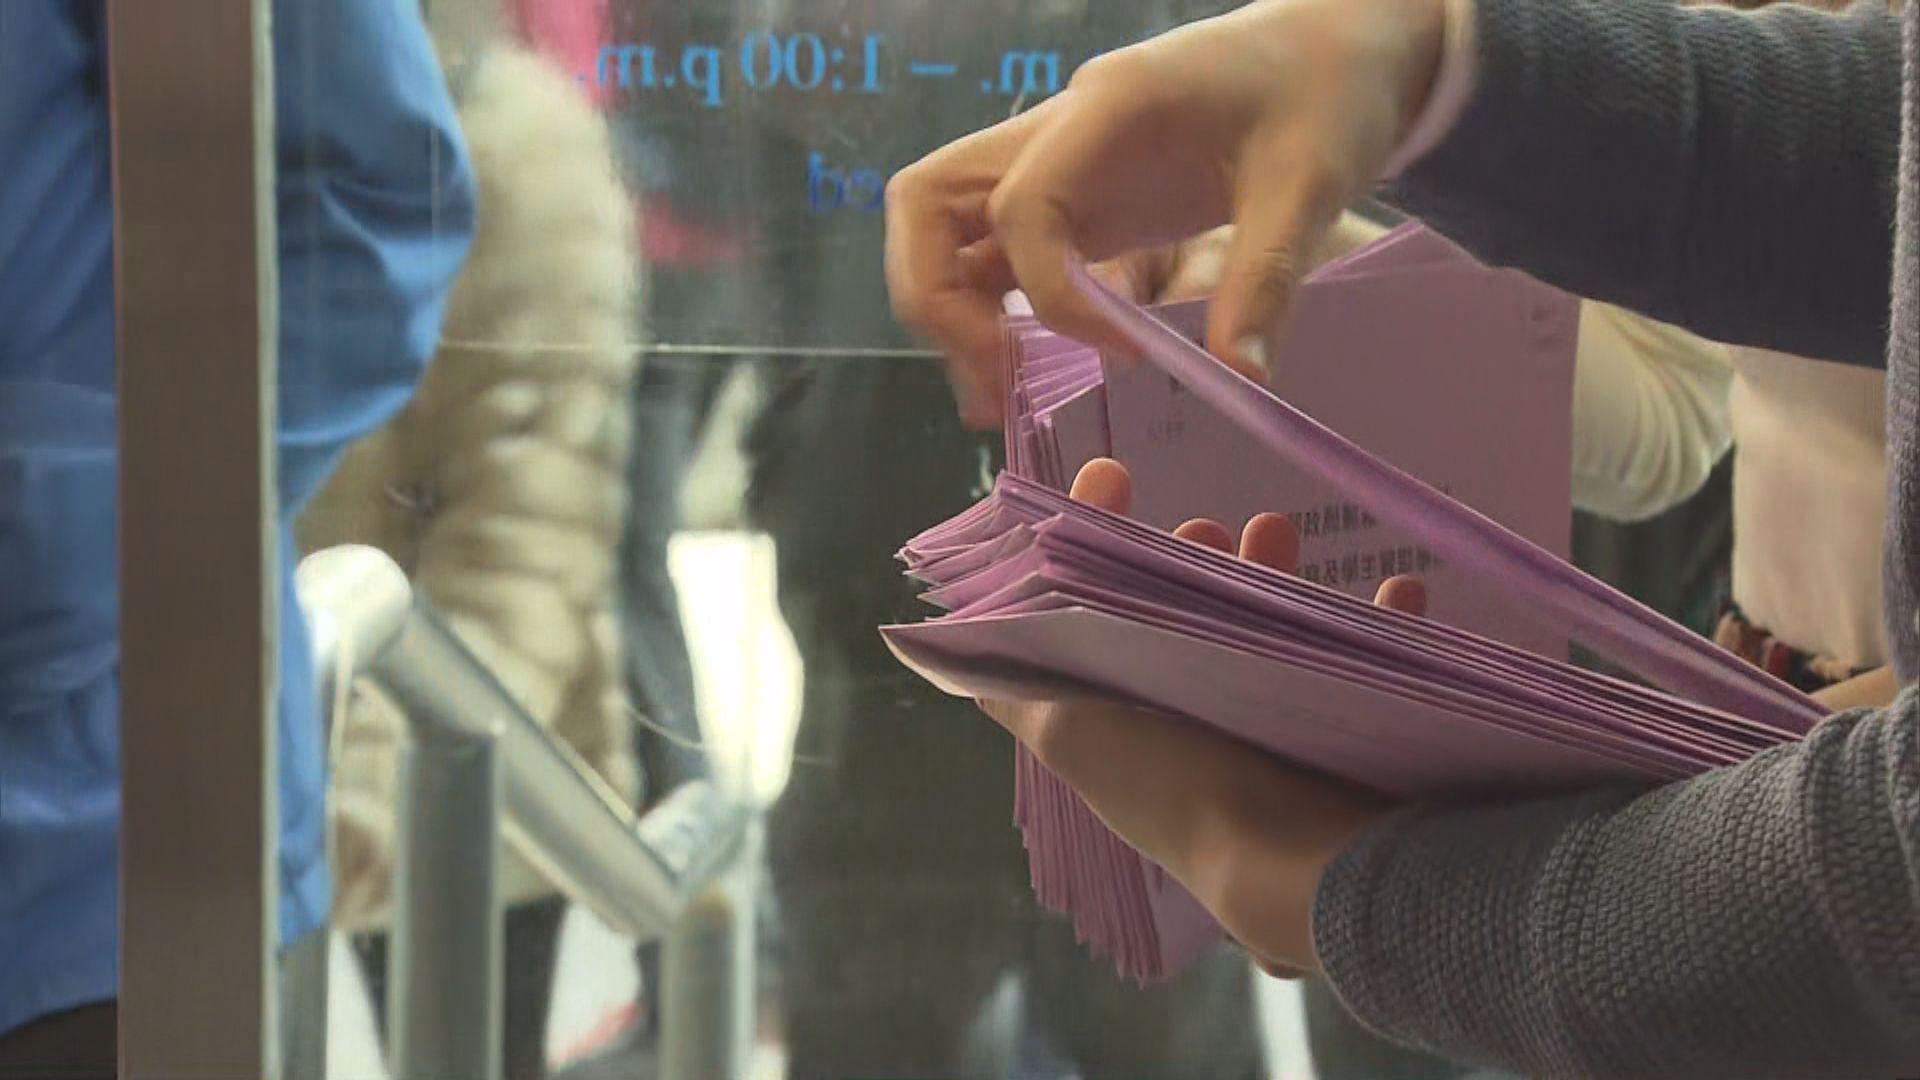 陳茂波:財政盈餘減少 要做好資源分配